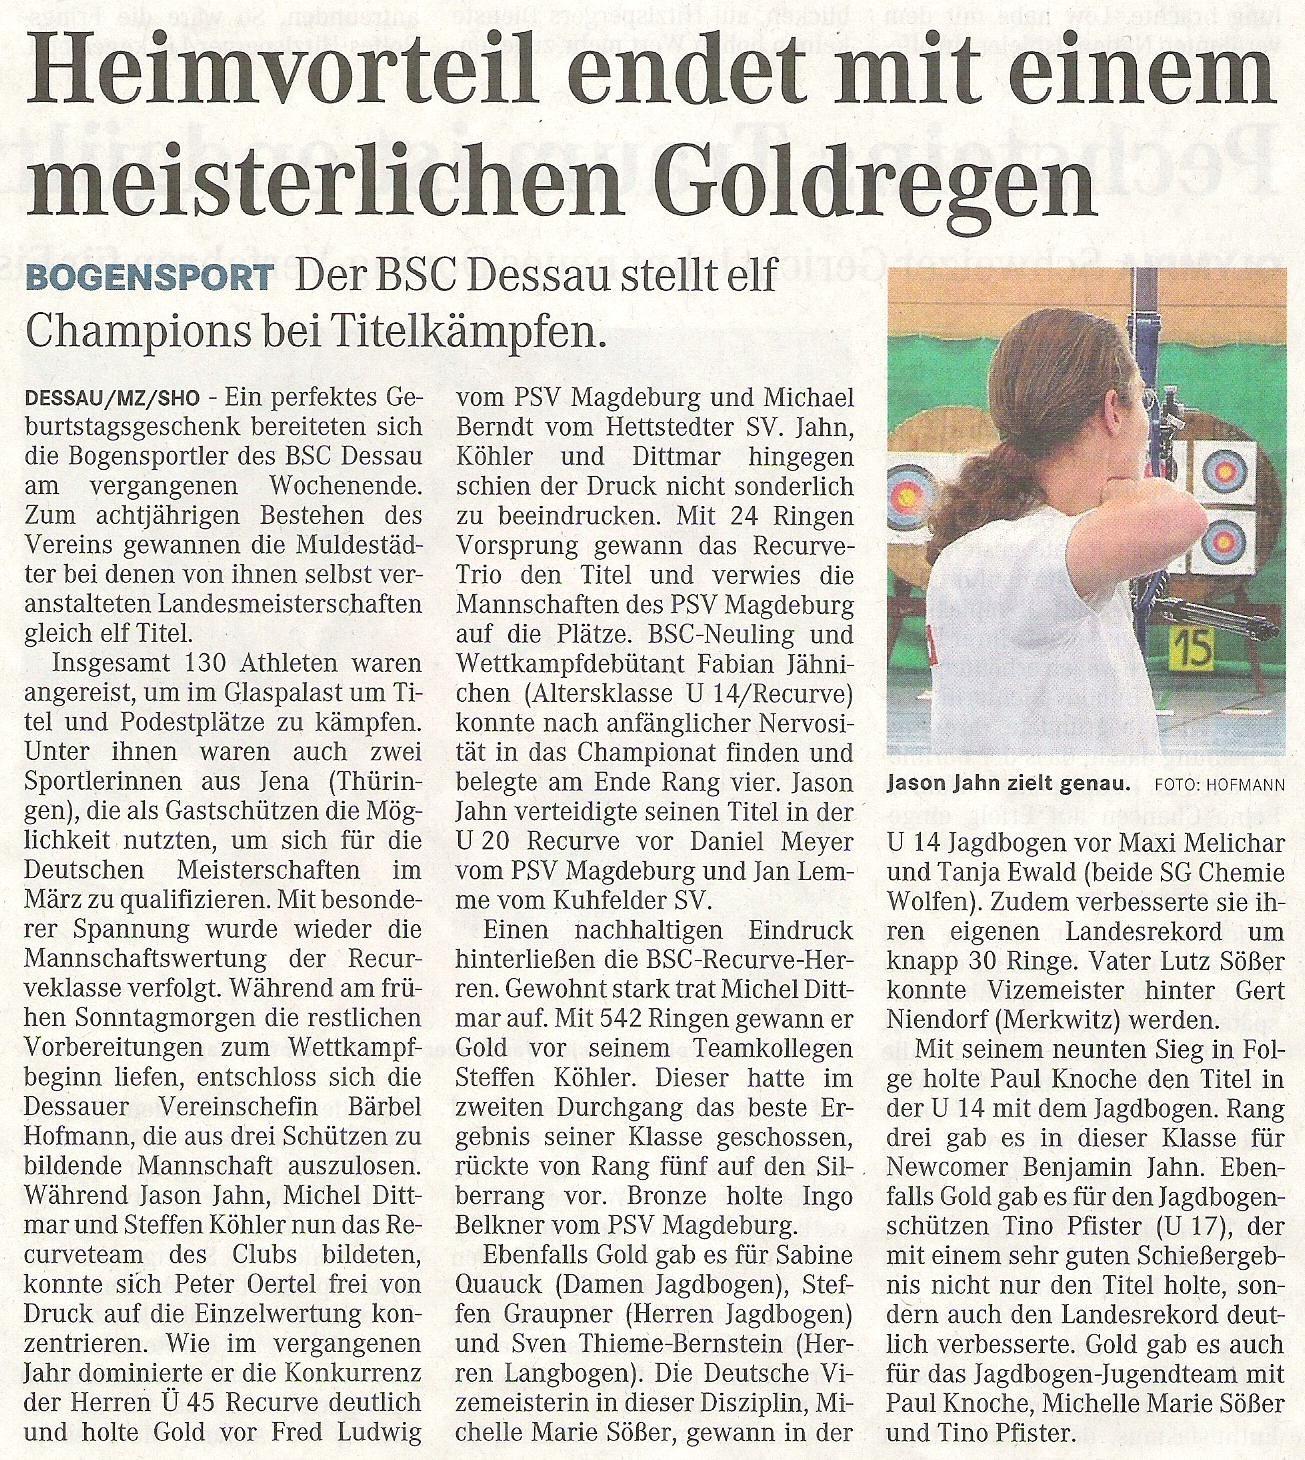 LM FITA Halle in Dessau – Mitteldeutsche Zeitung vom 27.01.2010